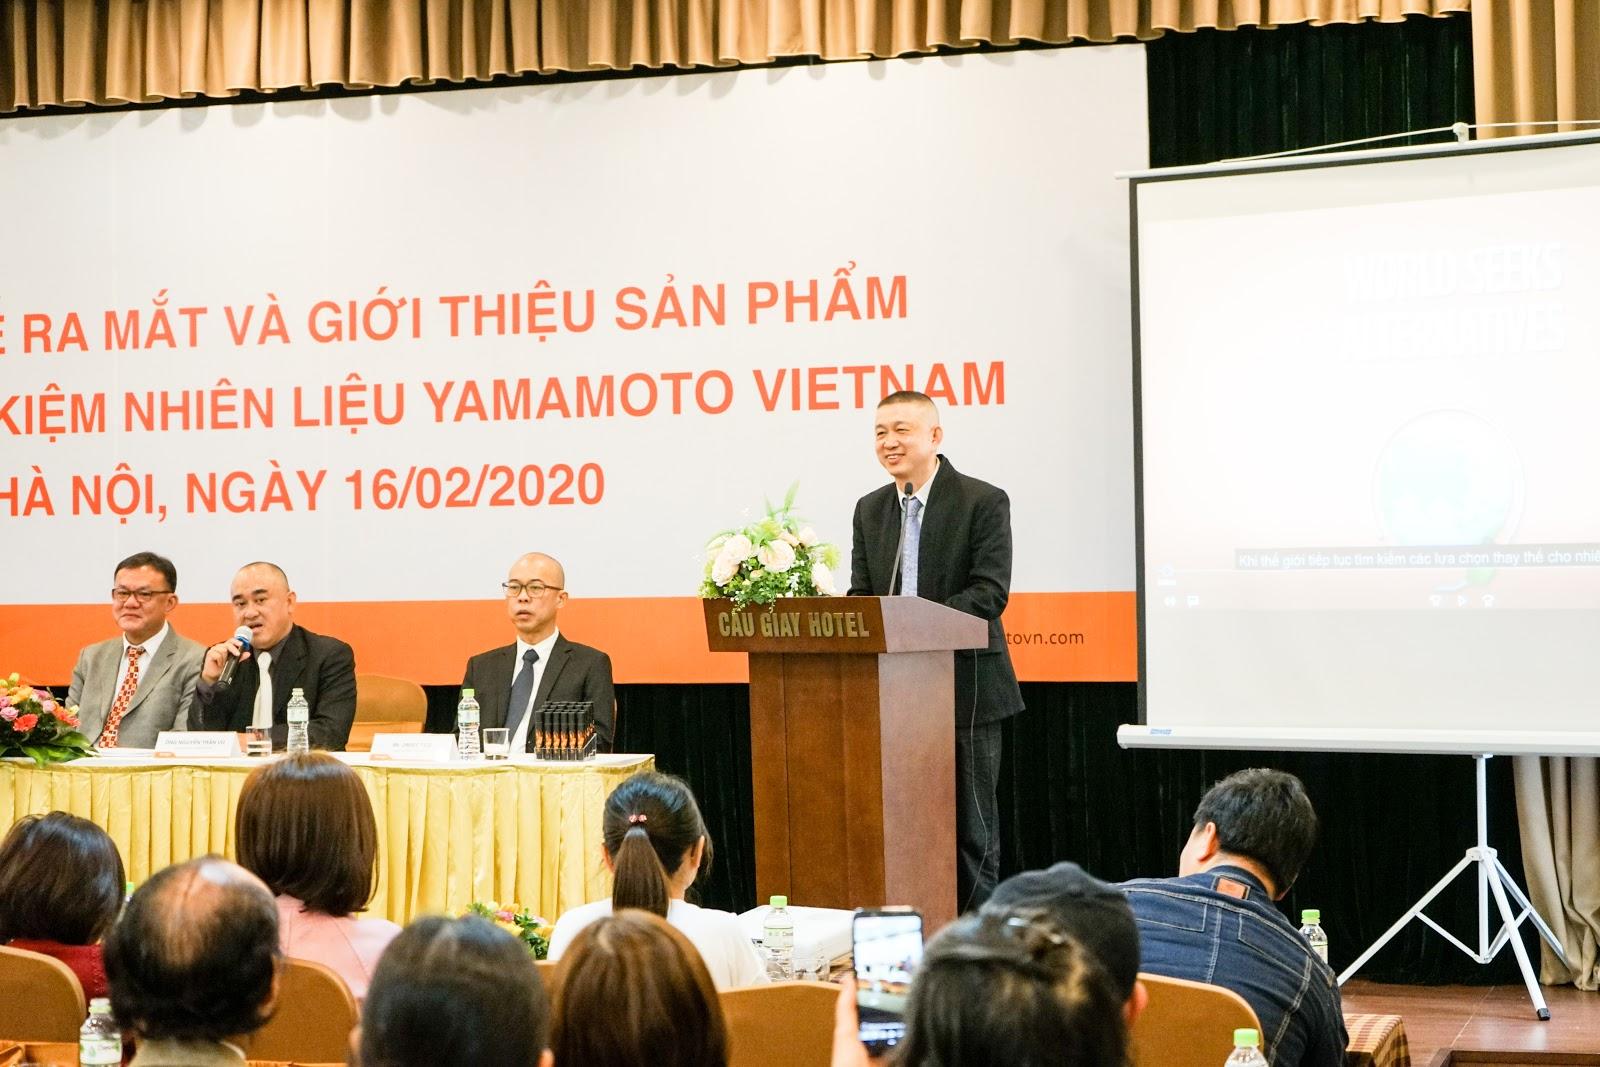 Yamamoto - Viên nén tiết kiệm nhiên liệu từ Nhật Bản ra mắt thị trường Việt Nam - Ảnh 2